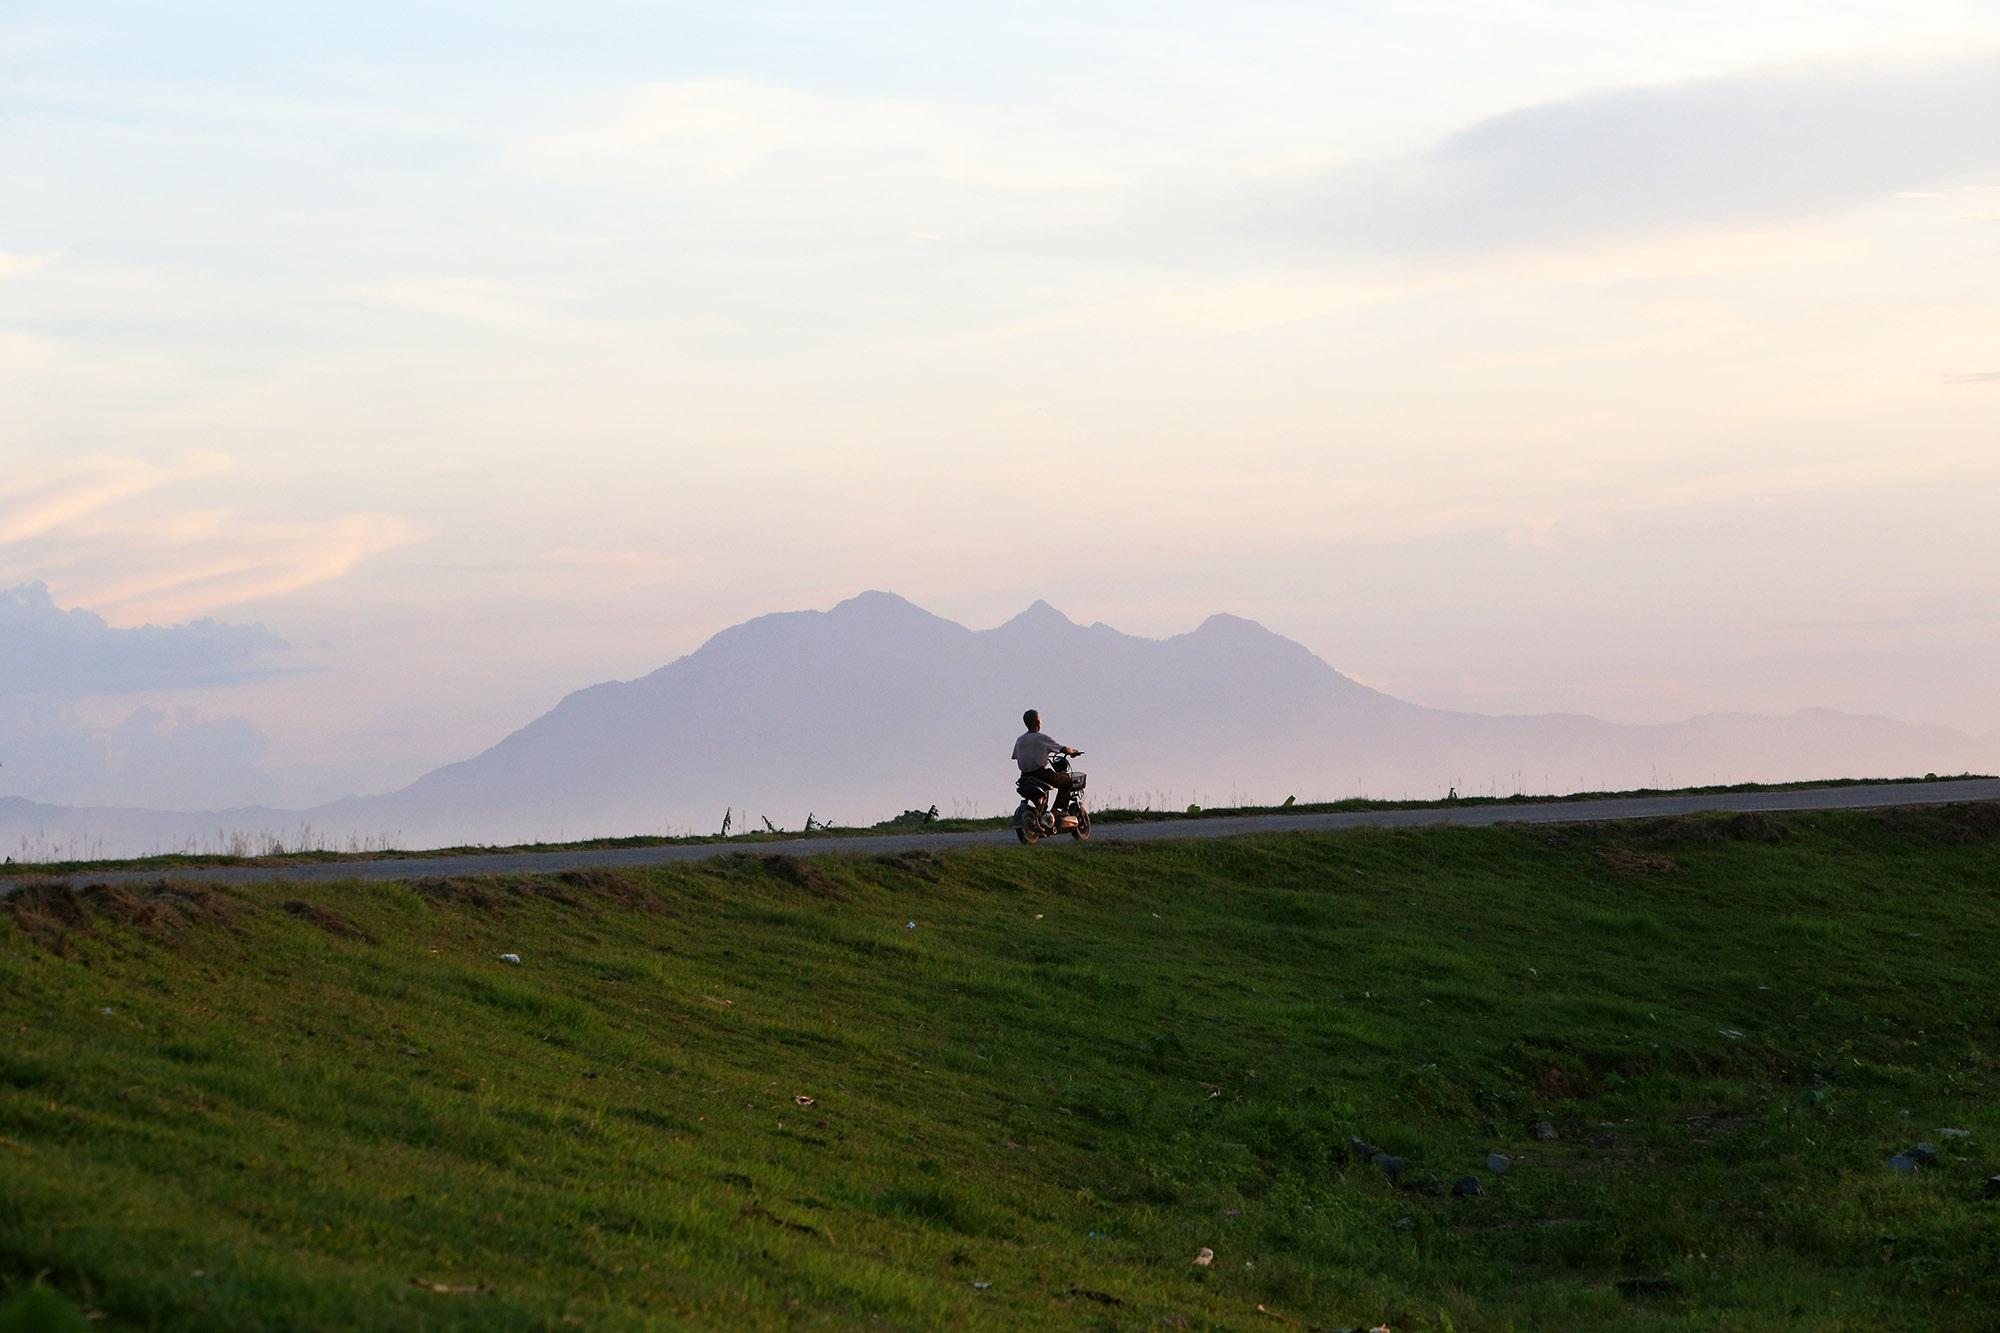 Phong cảnh bình yên nhìn từ những triền đê ở Hà Nội - 8